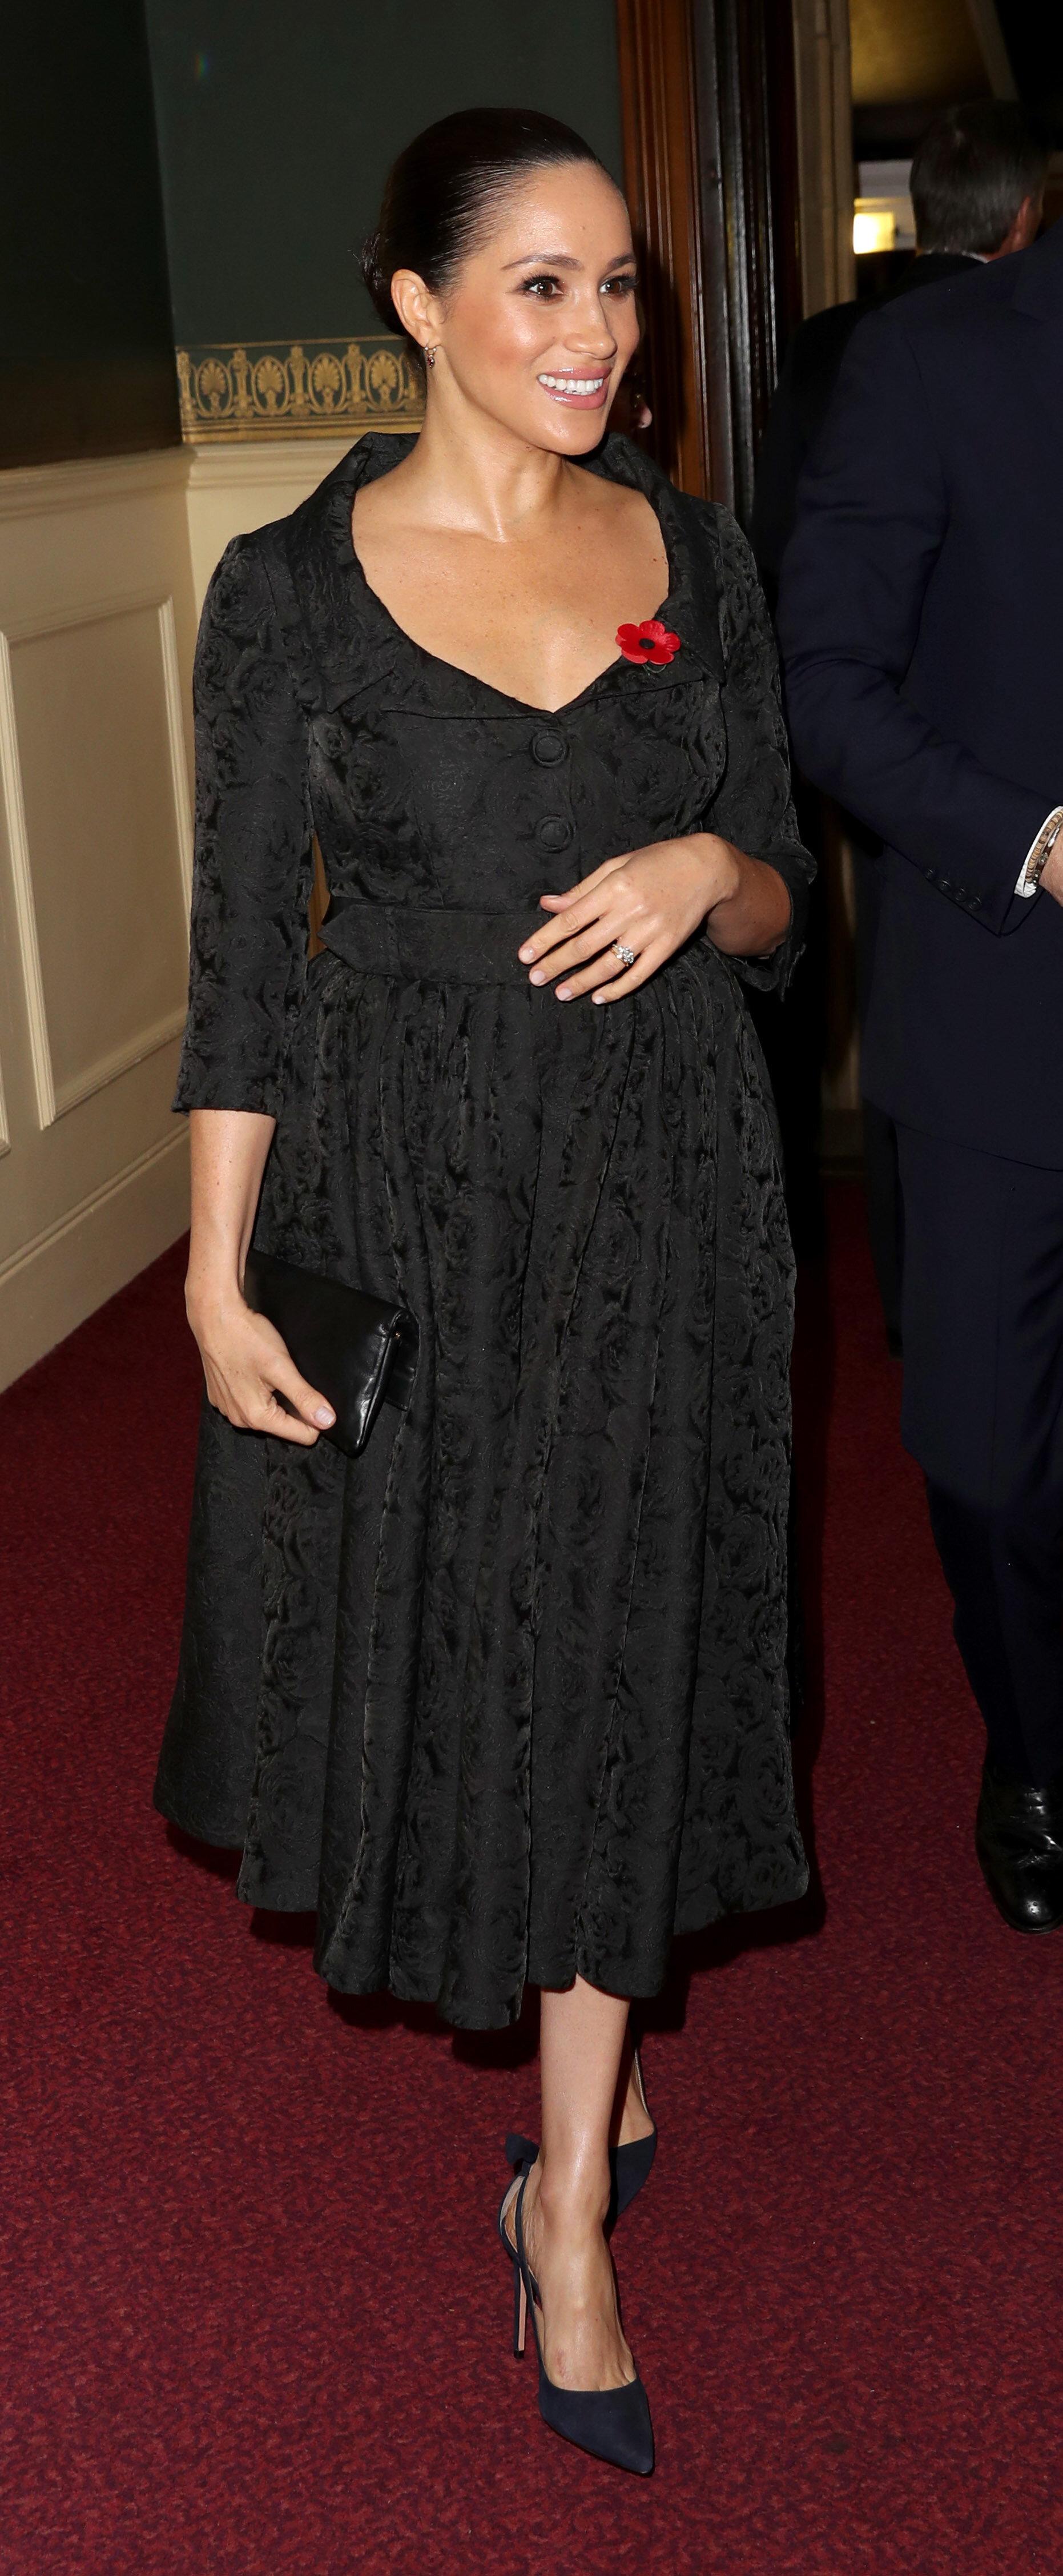 """Eindeutiger Beweis? Beim """"Royal British Legion Festival of Remembrance"""" legte Herzogin Meghan immer wieder die Hand auf ihren Bauch. Das tat sie auch in der Schwangerschaft mit Archie.  © picture alliance/AdMedia"""